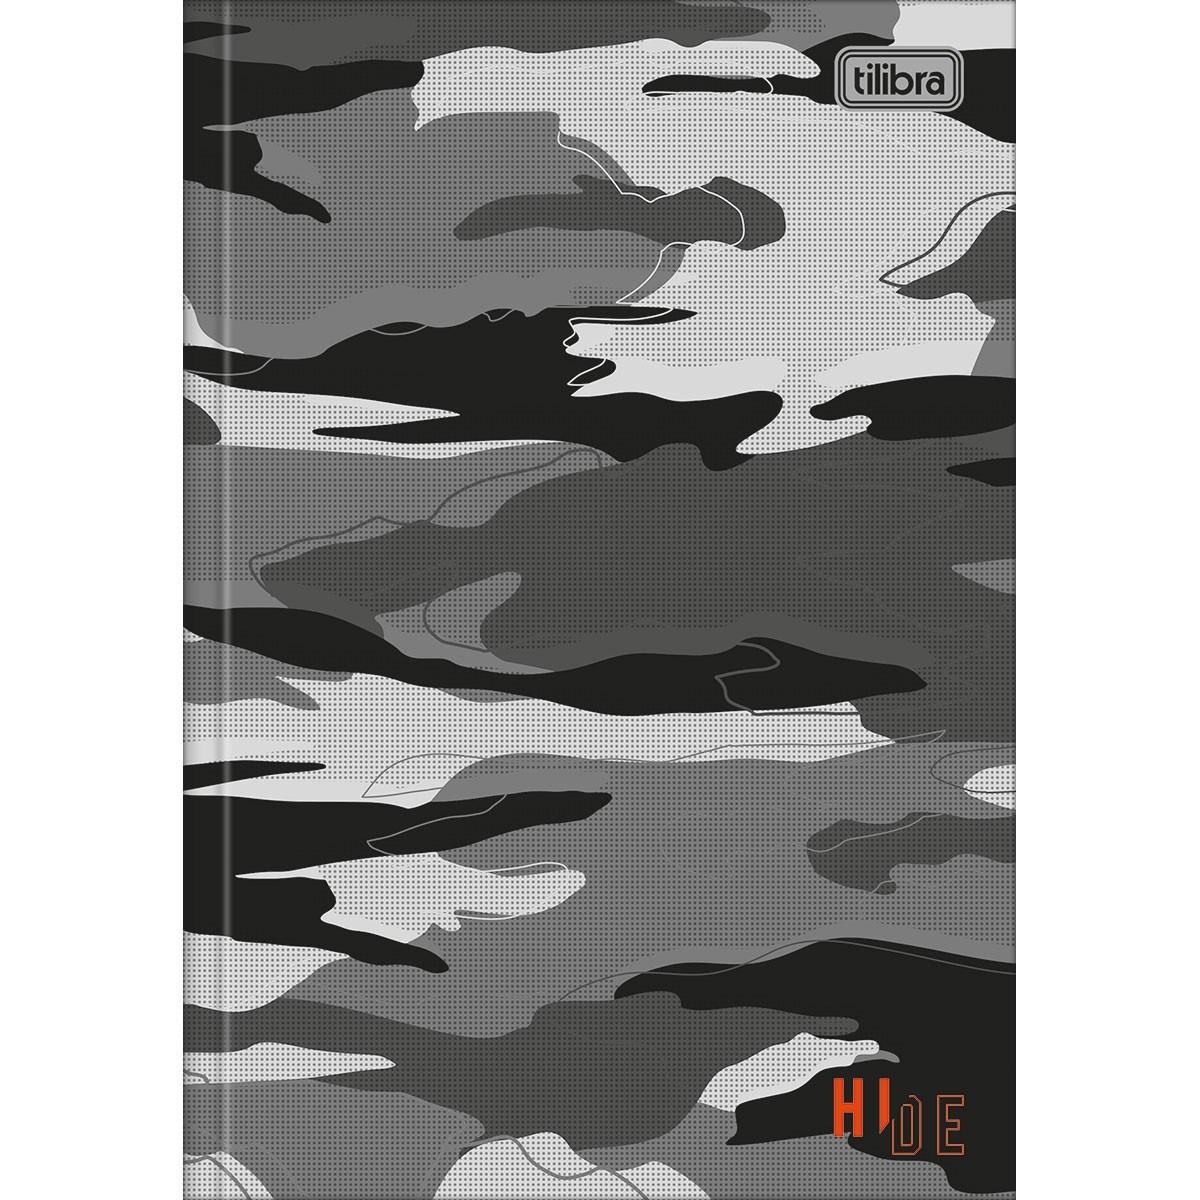 Caderno Brochura Capa Dura 1/4 Hide 80 Fls - Tilibra